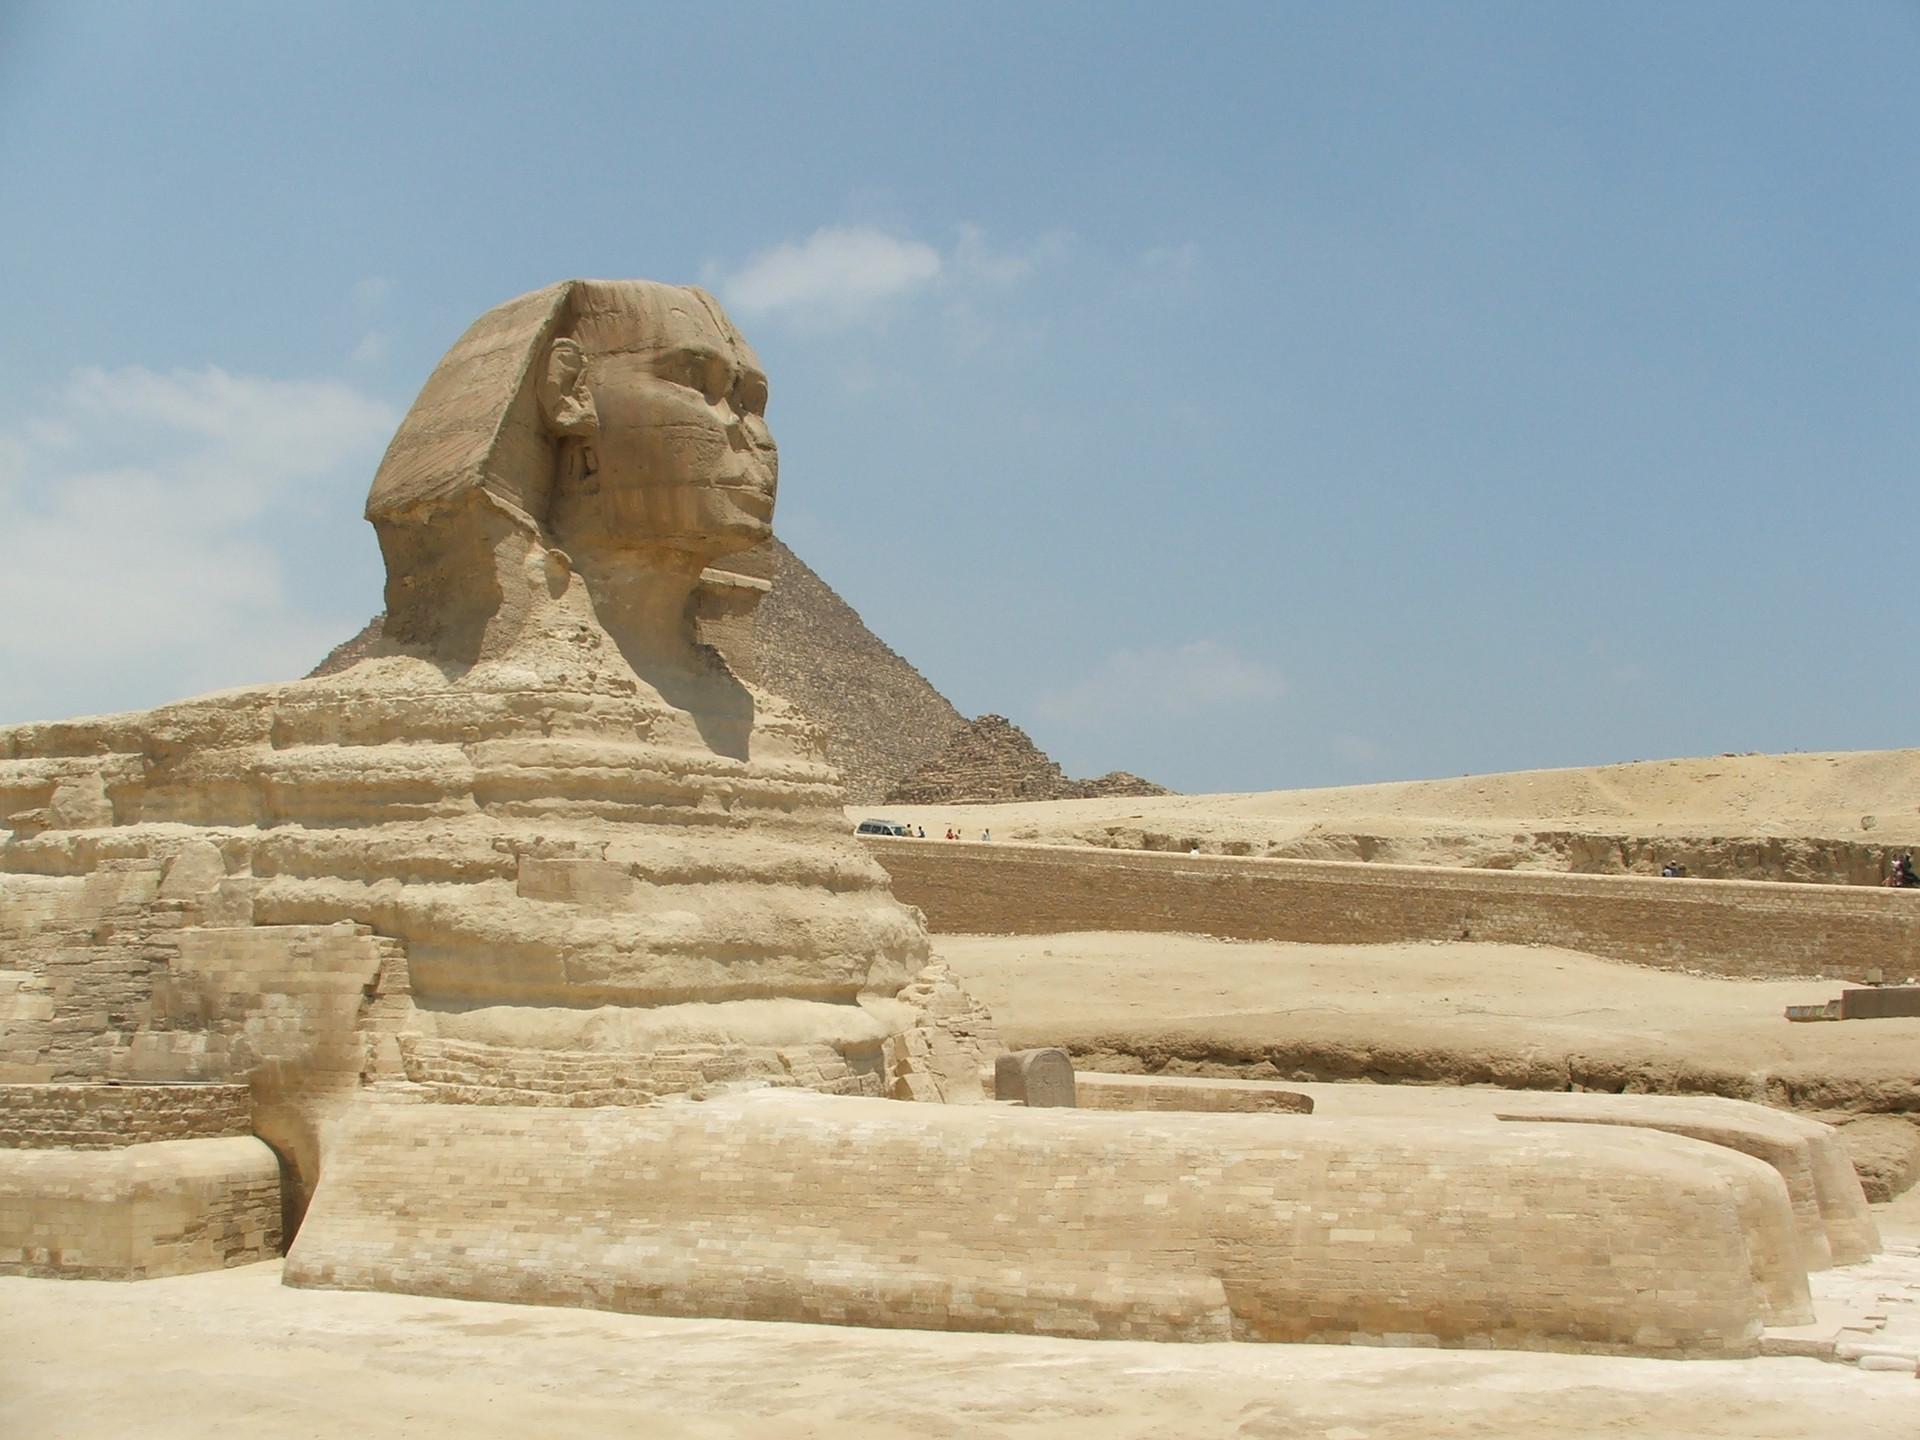 从沙漠里挖出来的世界遗产,距今超4500年,建造目的成谜